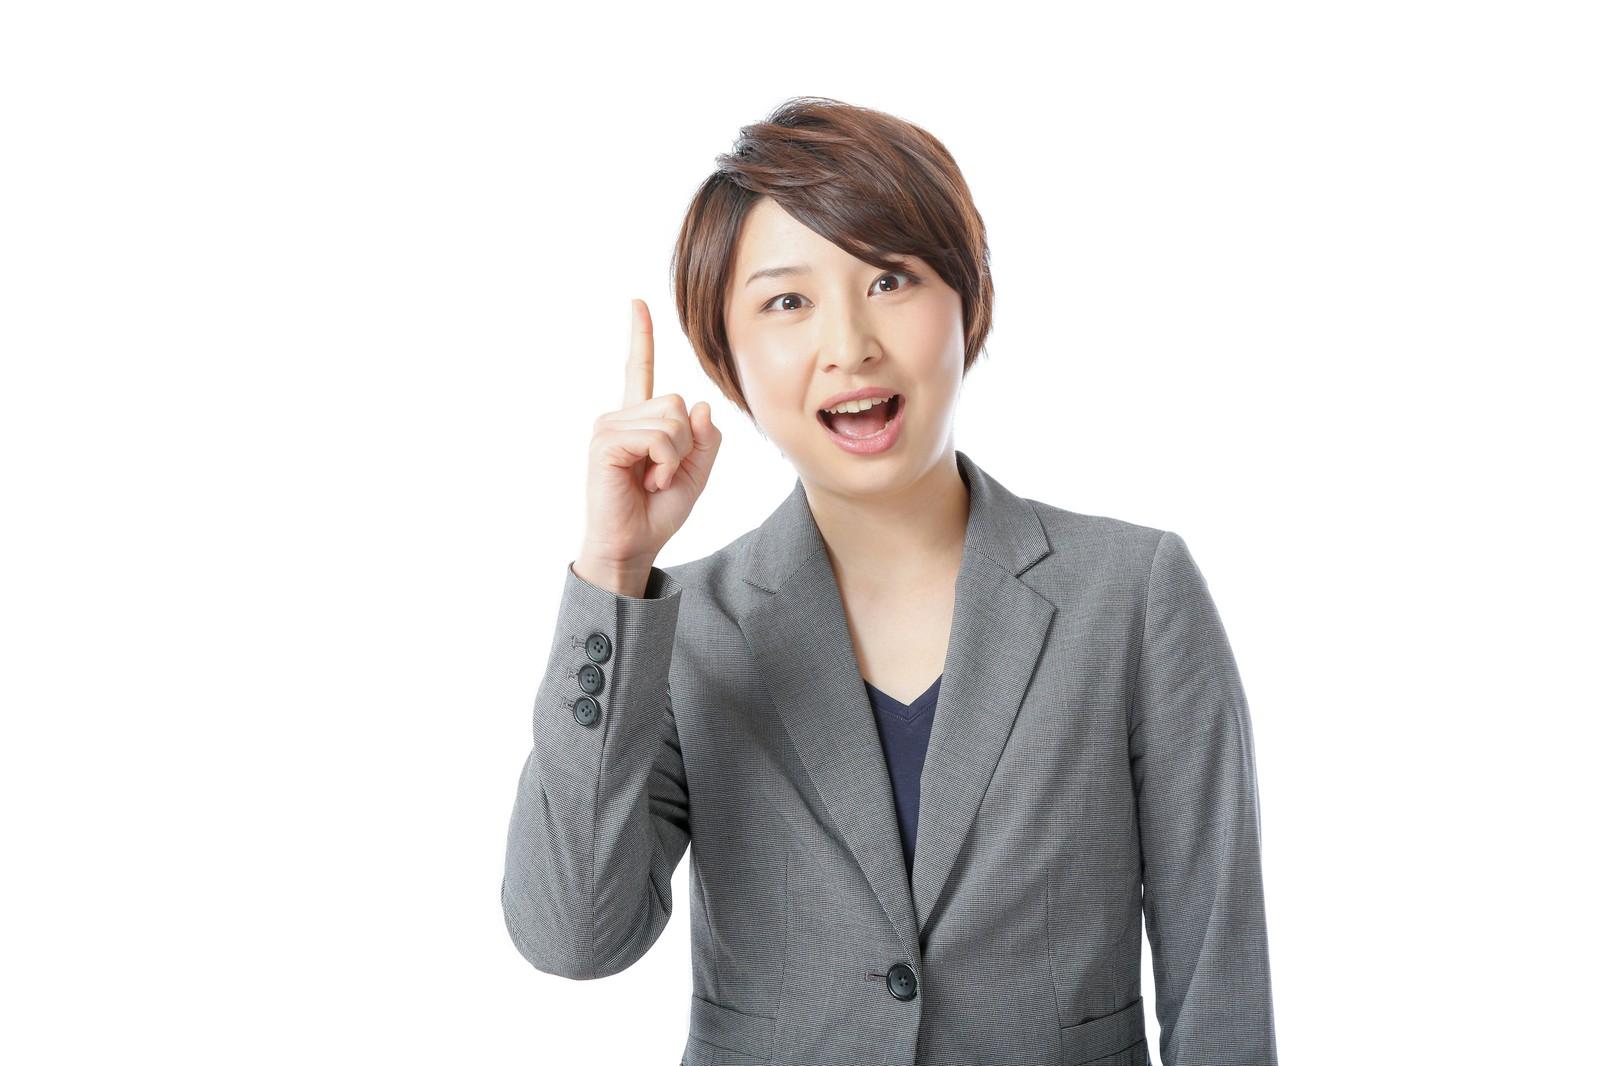 新潟でおすすめのリノベーション業者を選ぶポイント